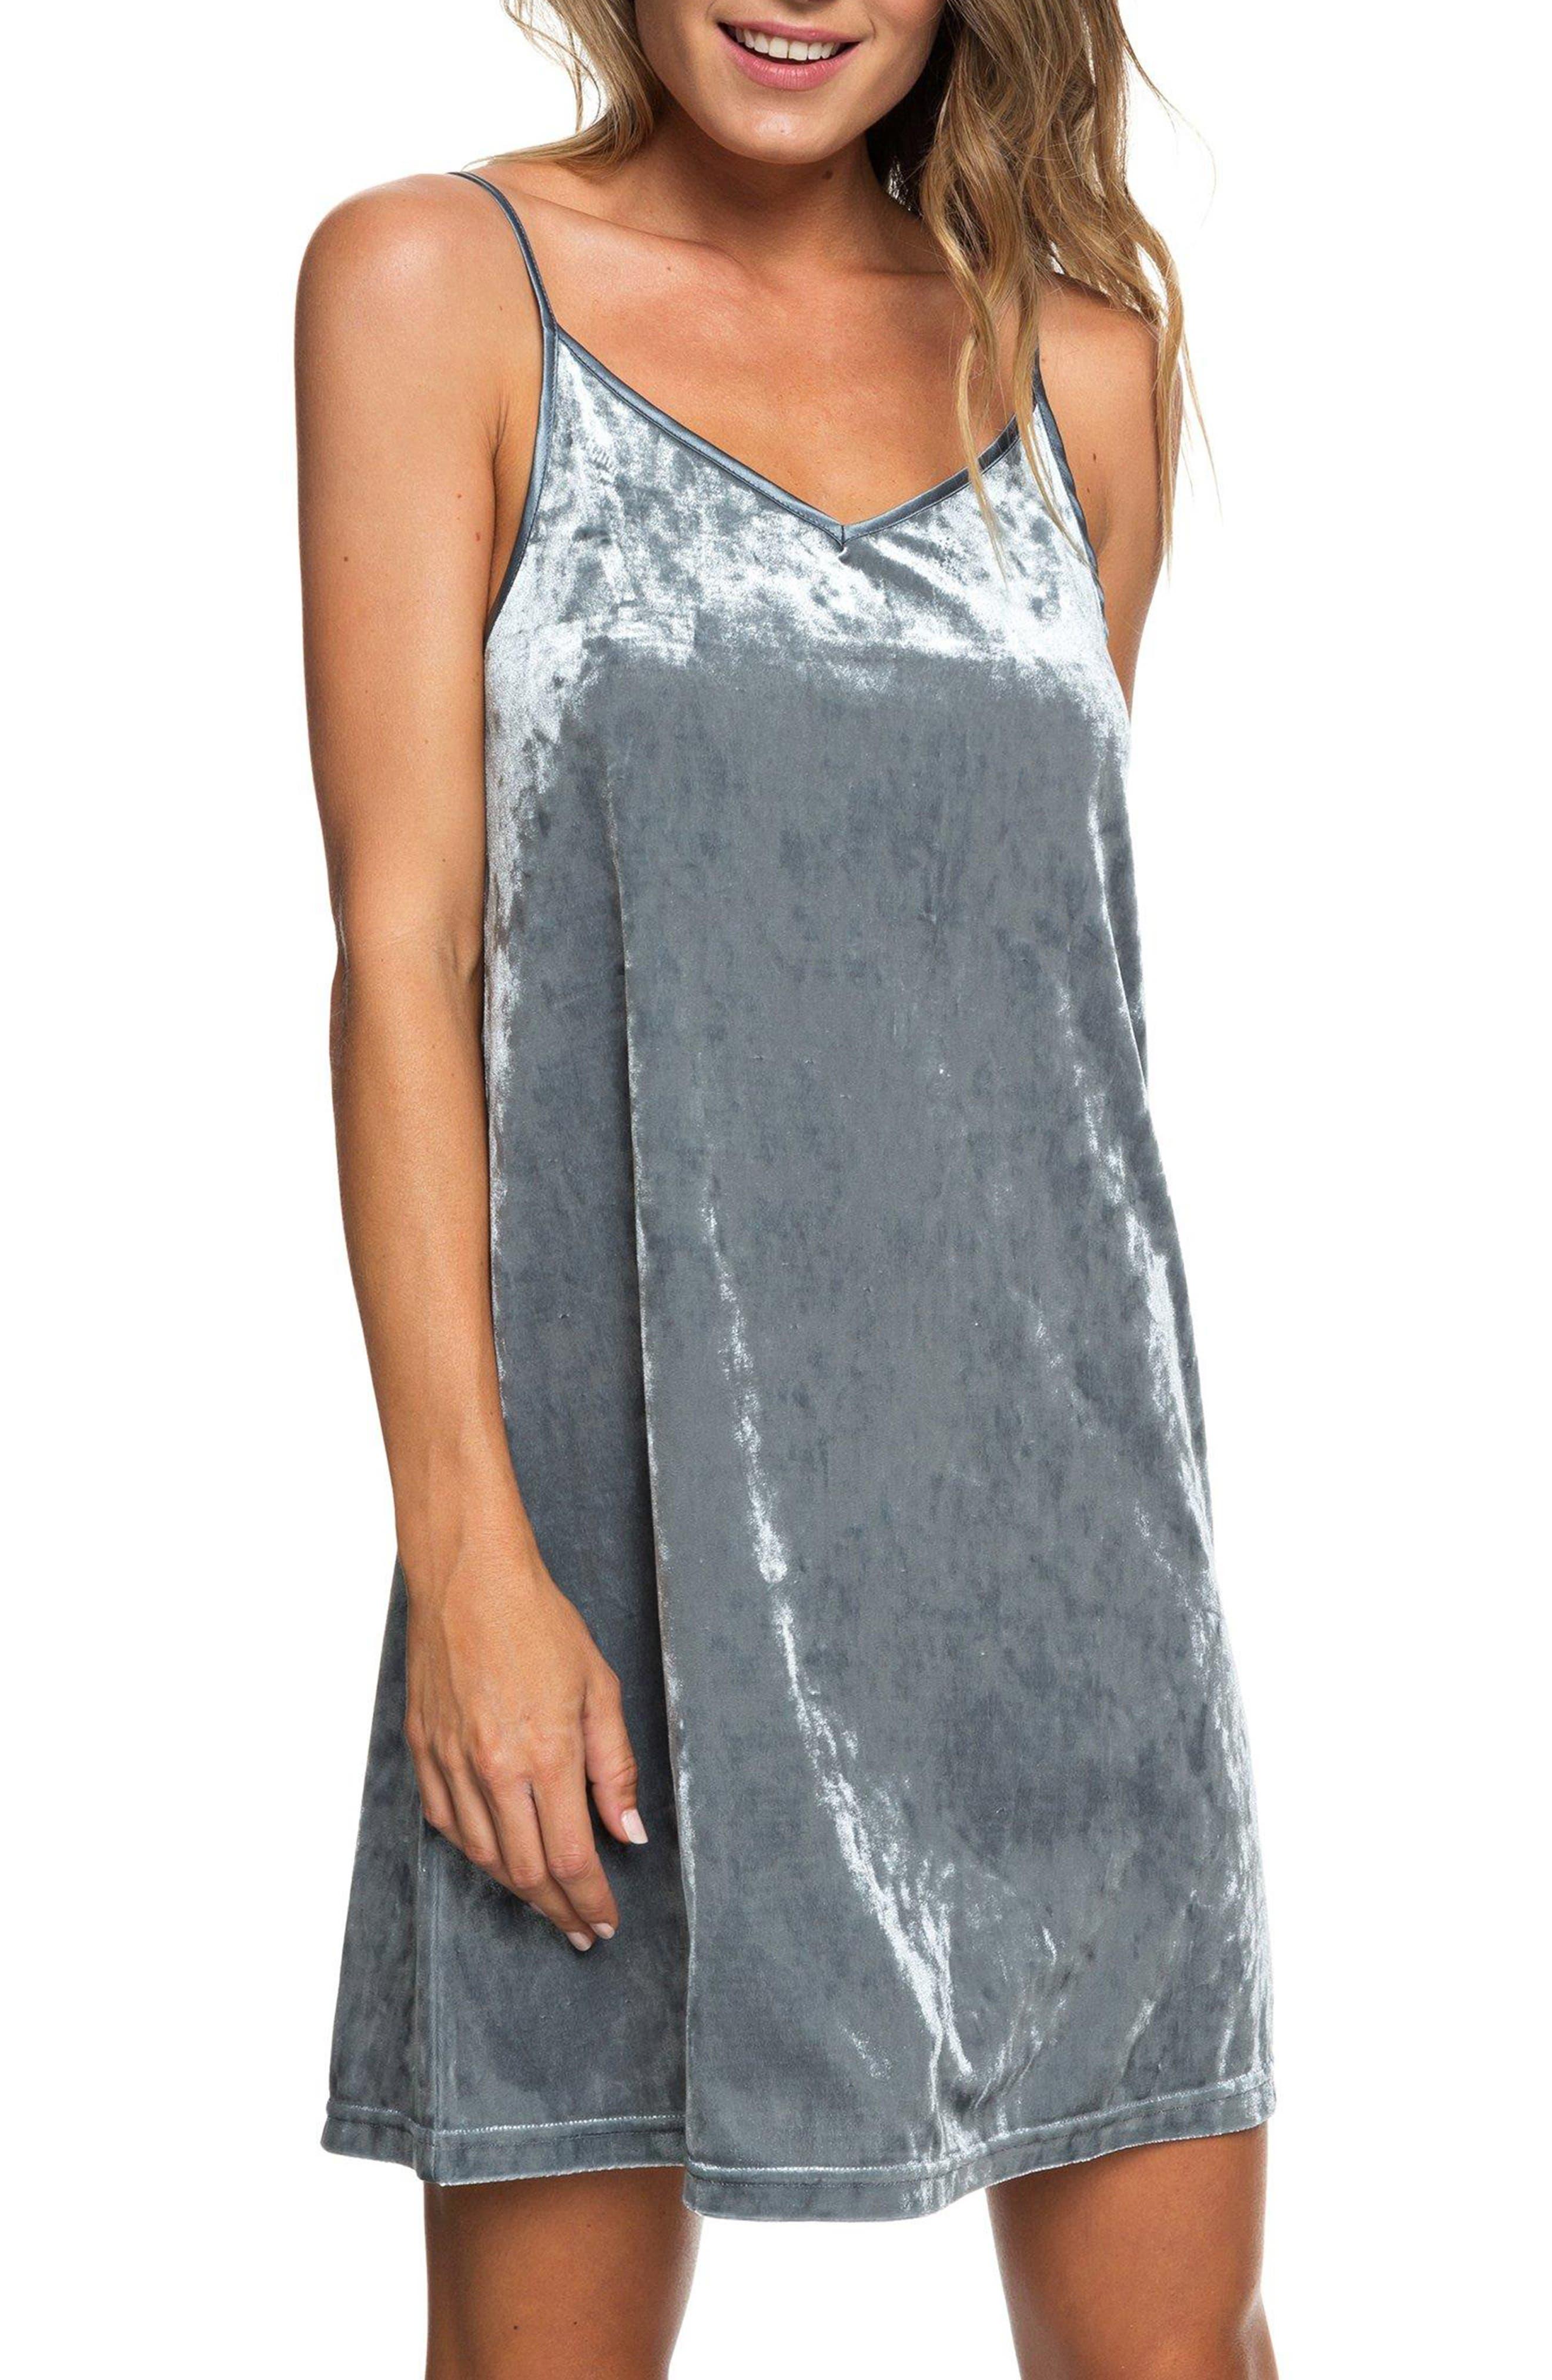 Roxy Sleepy Night Crushed Velvet Dress, Grey